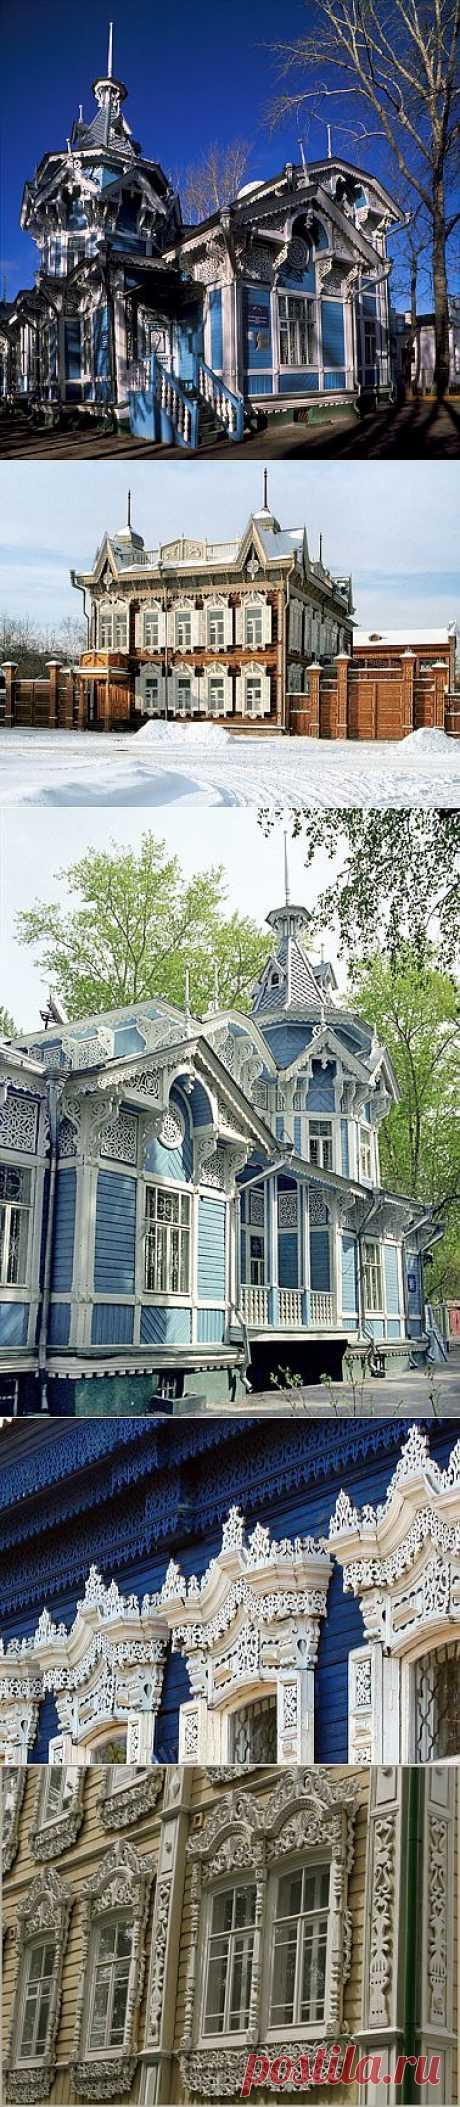 (+1) сообщ - Русские терема: деревянное зодчество | Непутевые заметки